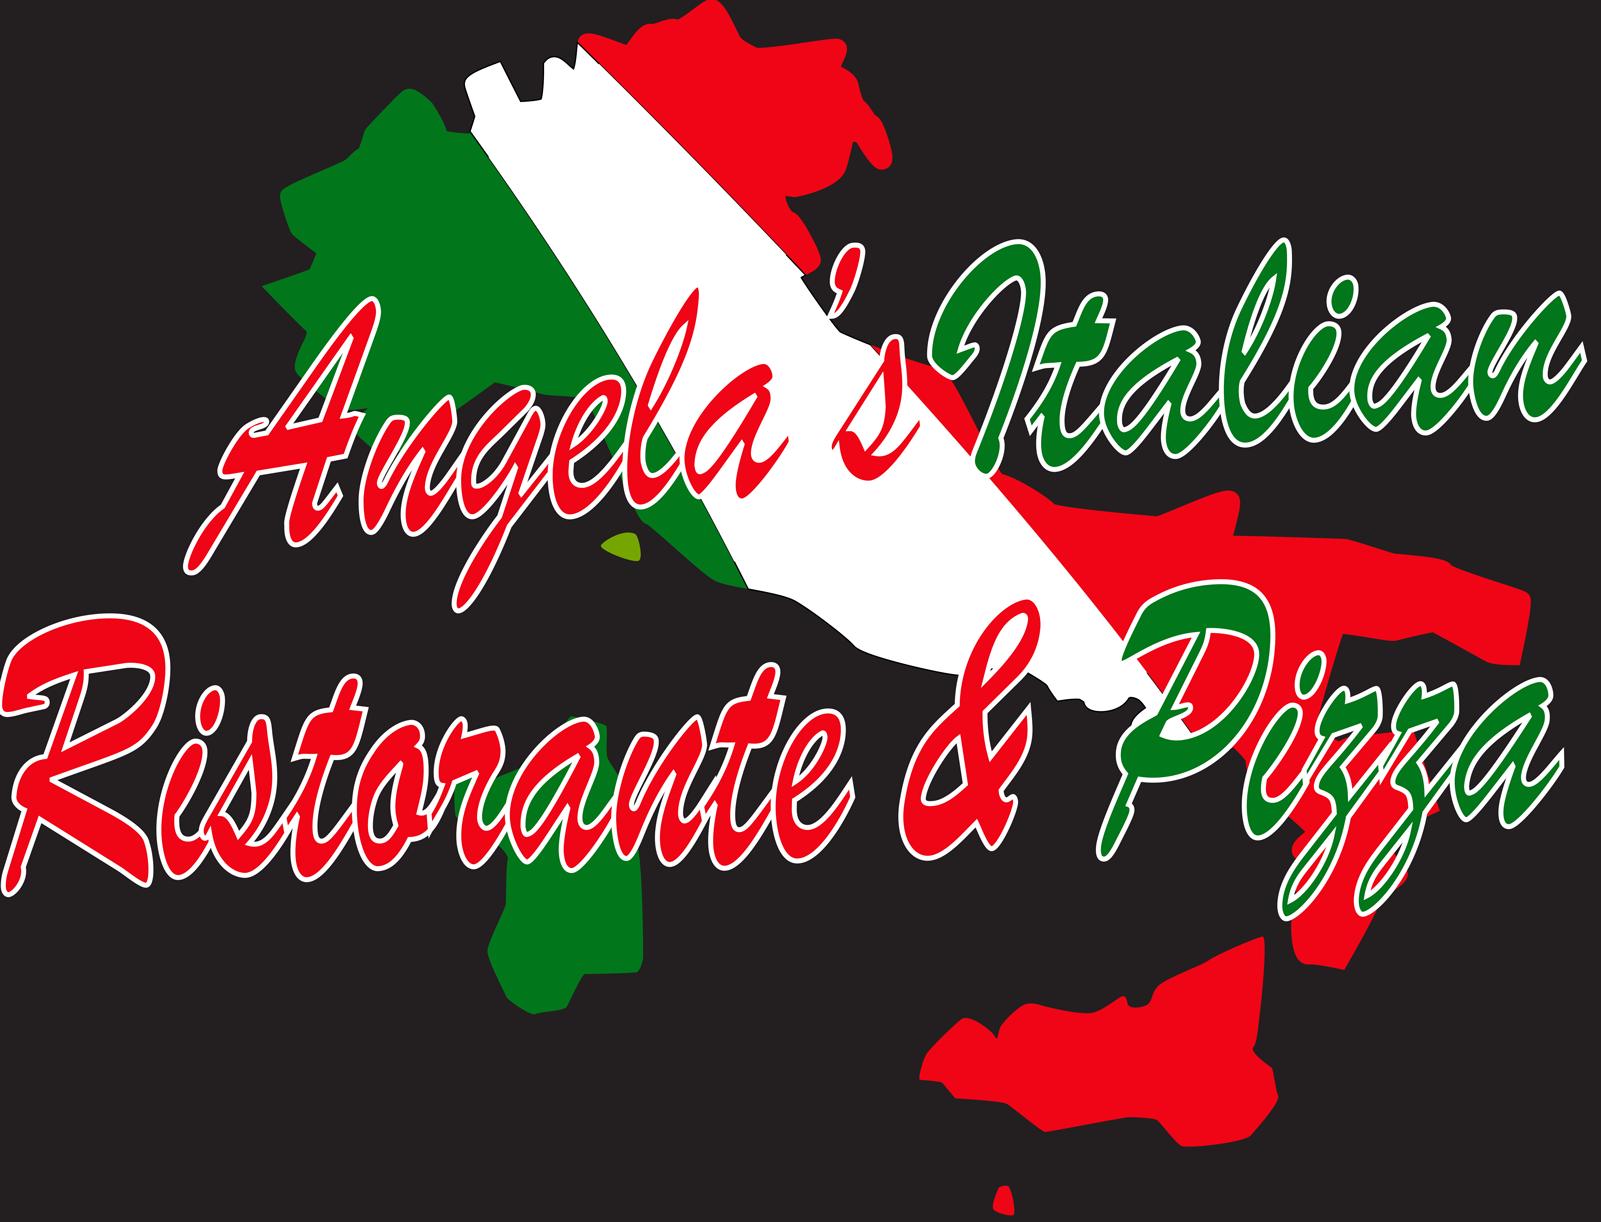 Angela's Italian Ristorante & Pizza